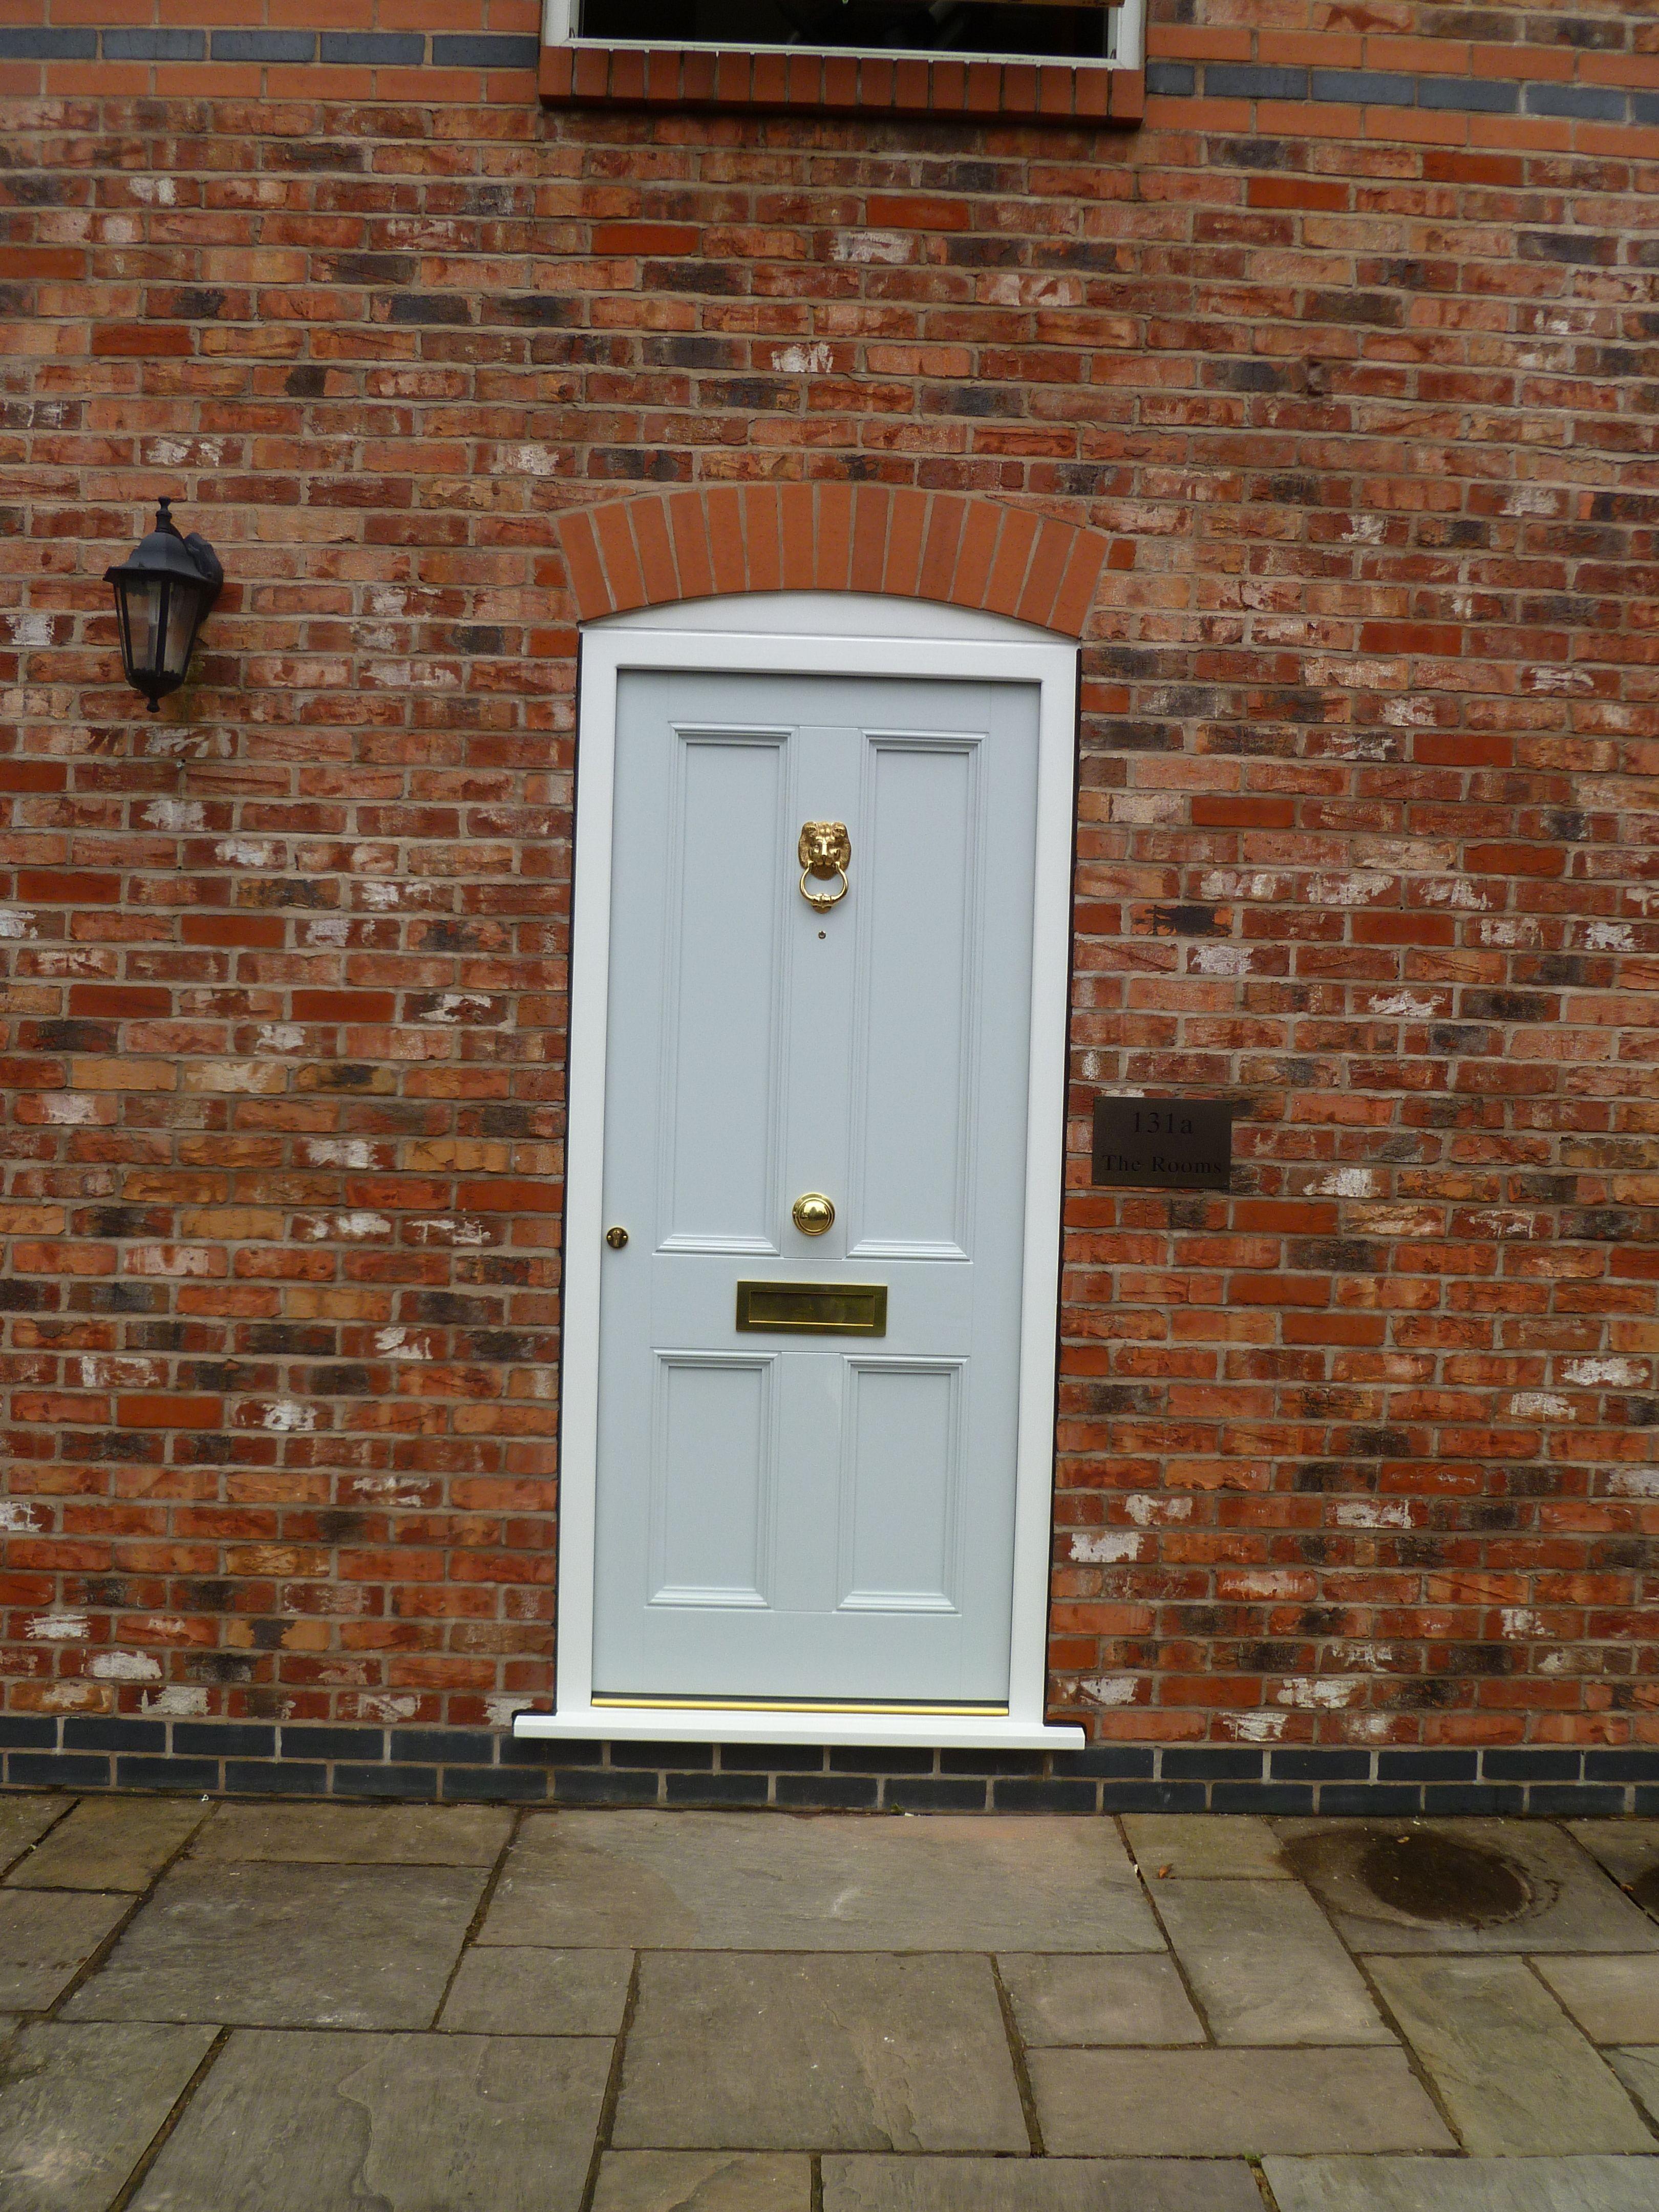 Accoya Doors In 2020 With Images Doors Timber Door Wood Doors